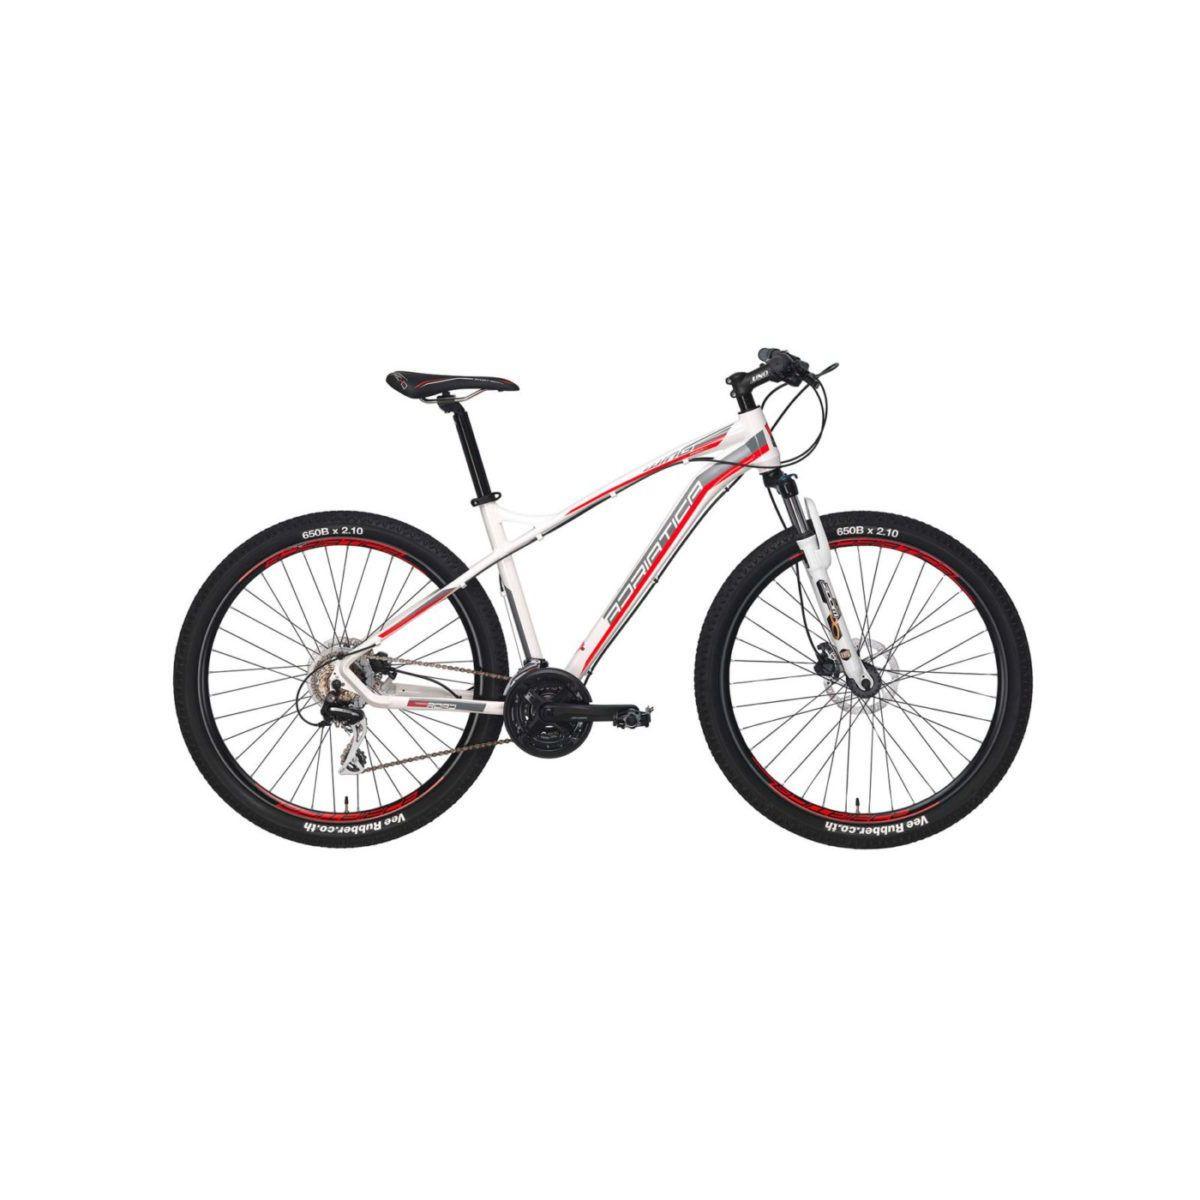 Bici adriatica Wing Rs 27,5